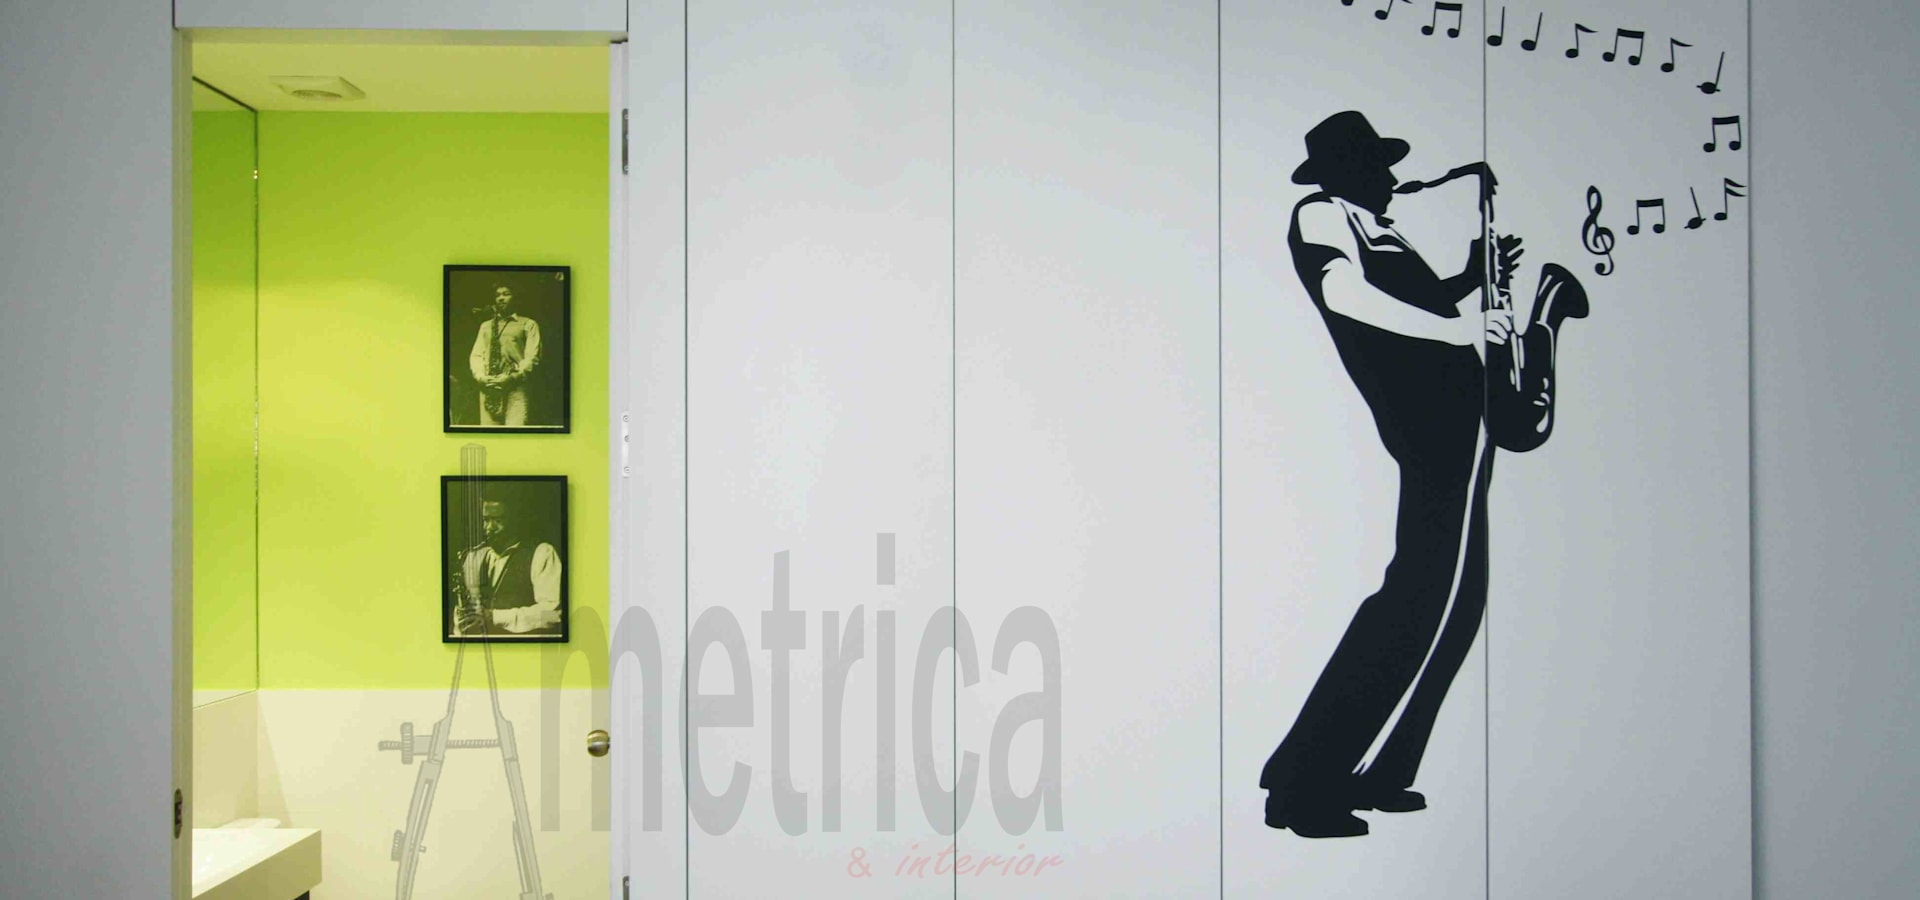 Ametrica & Interior, S.L.